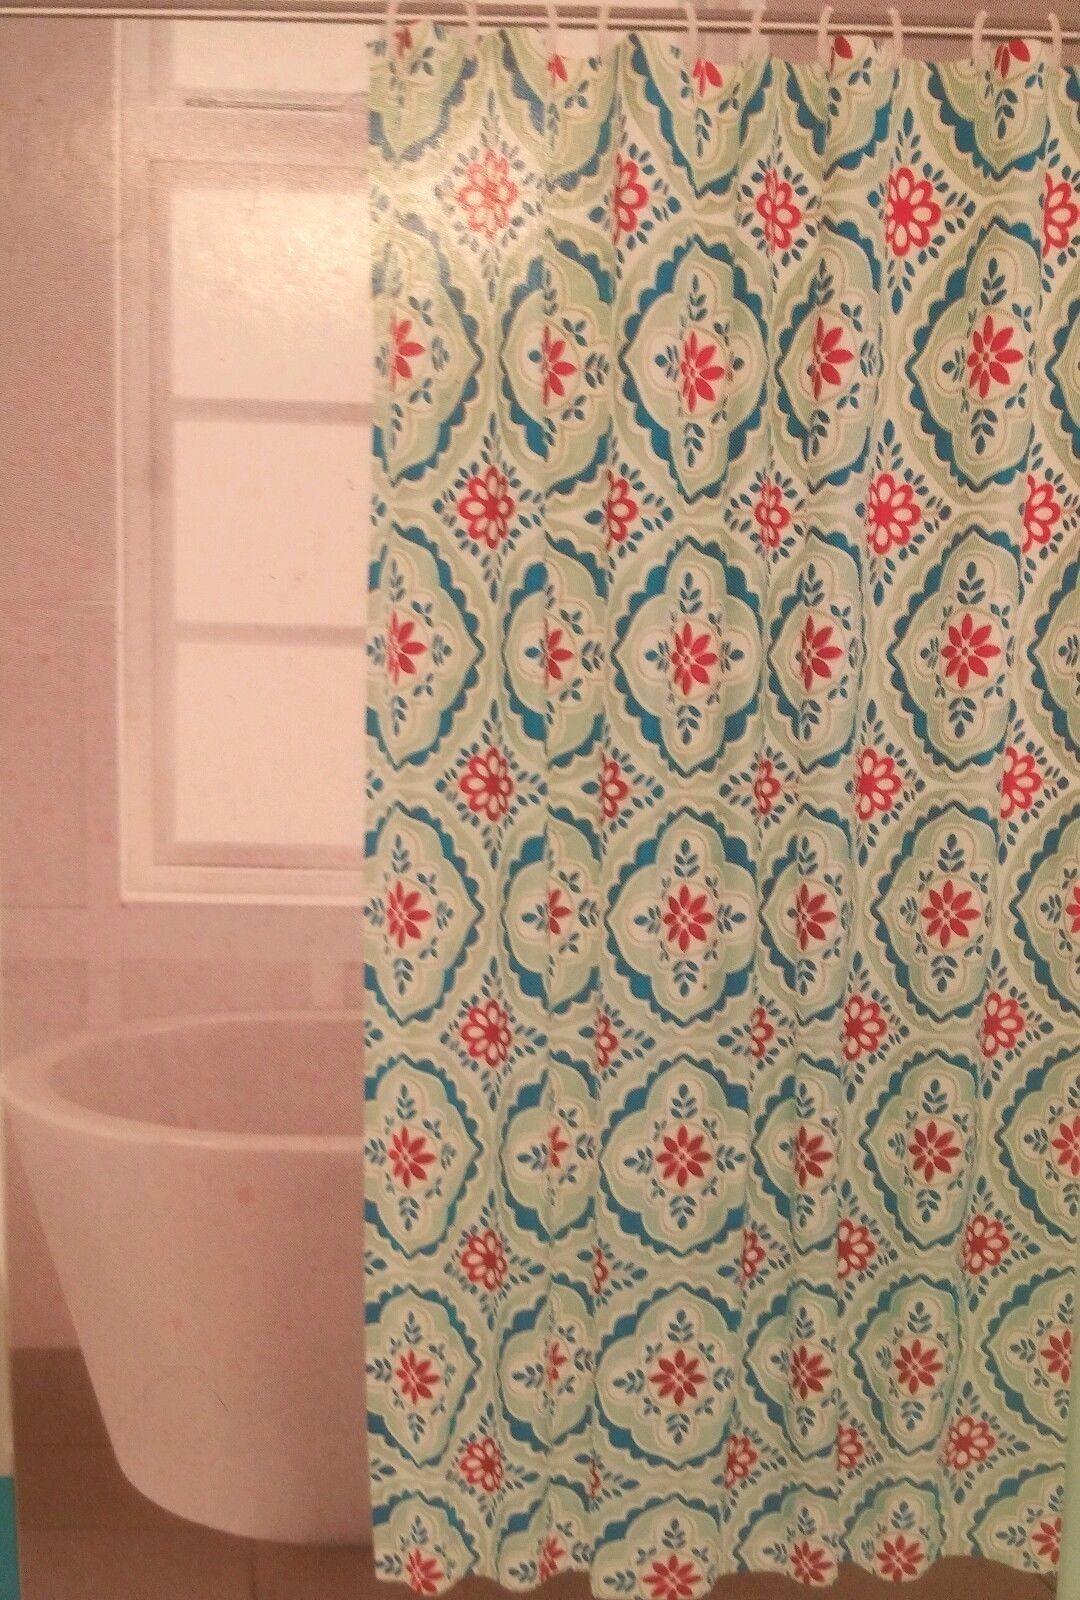 Comfort Bay Designer Print Shower Curtain Or Liner Medallion Red